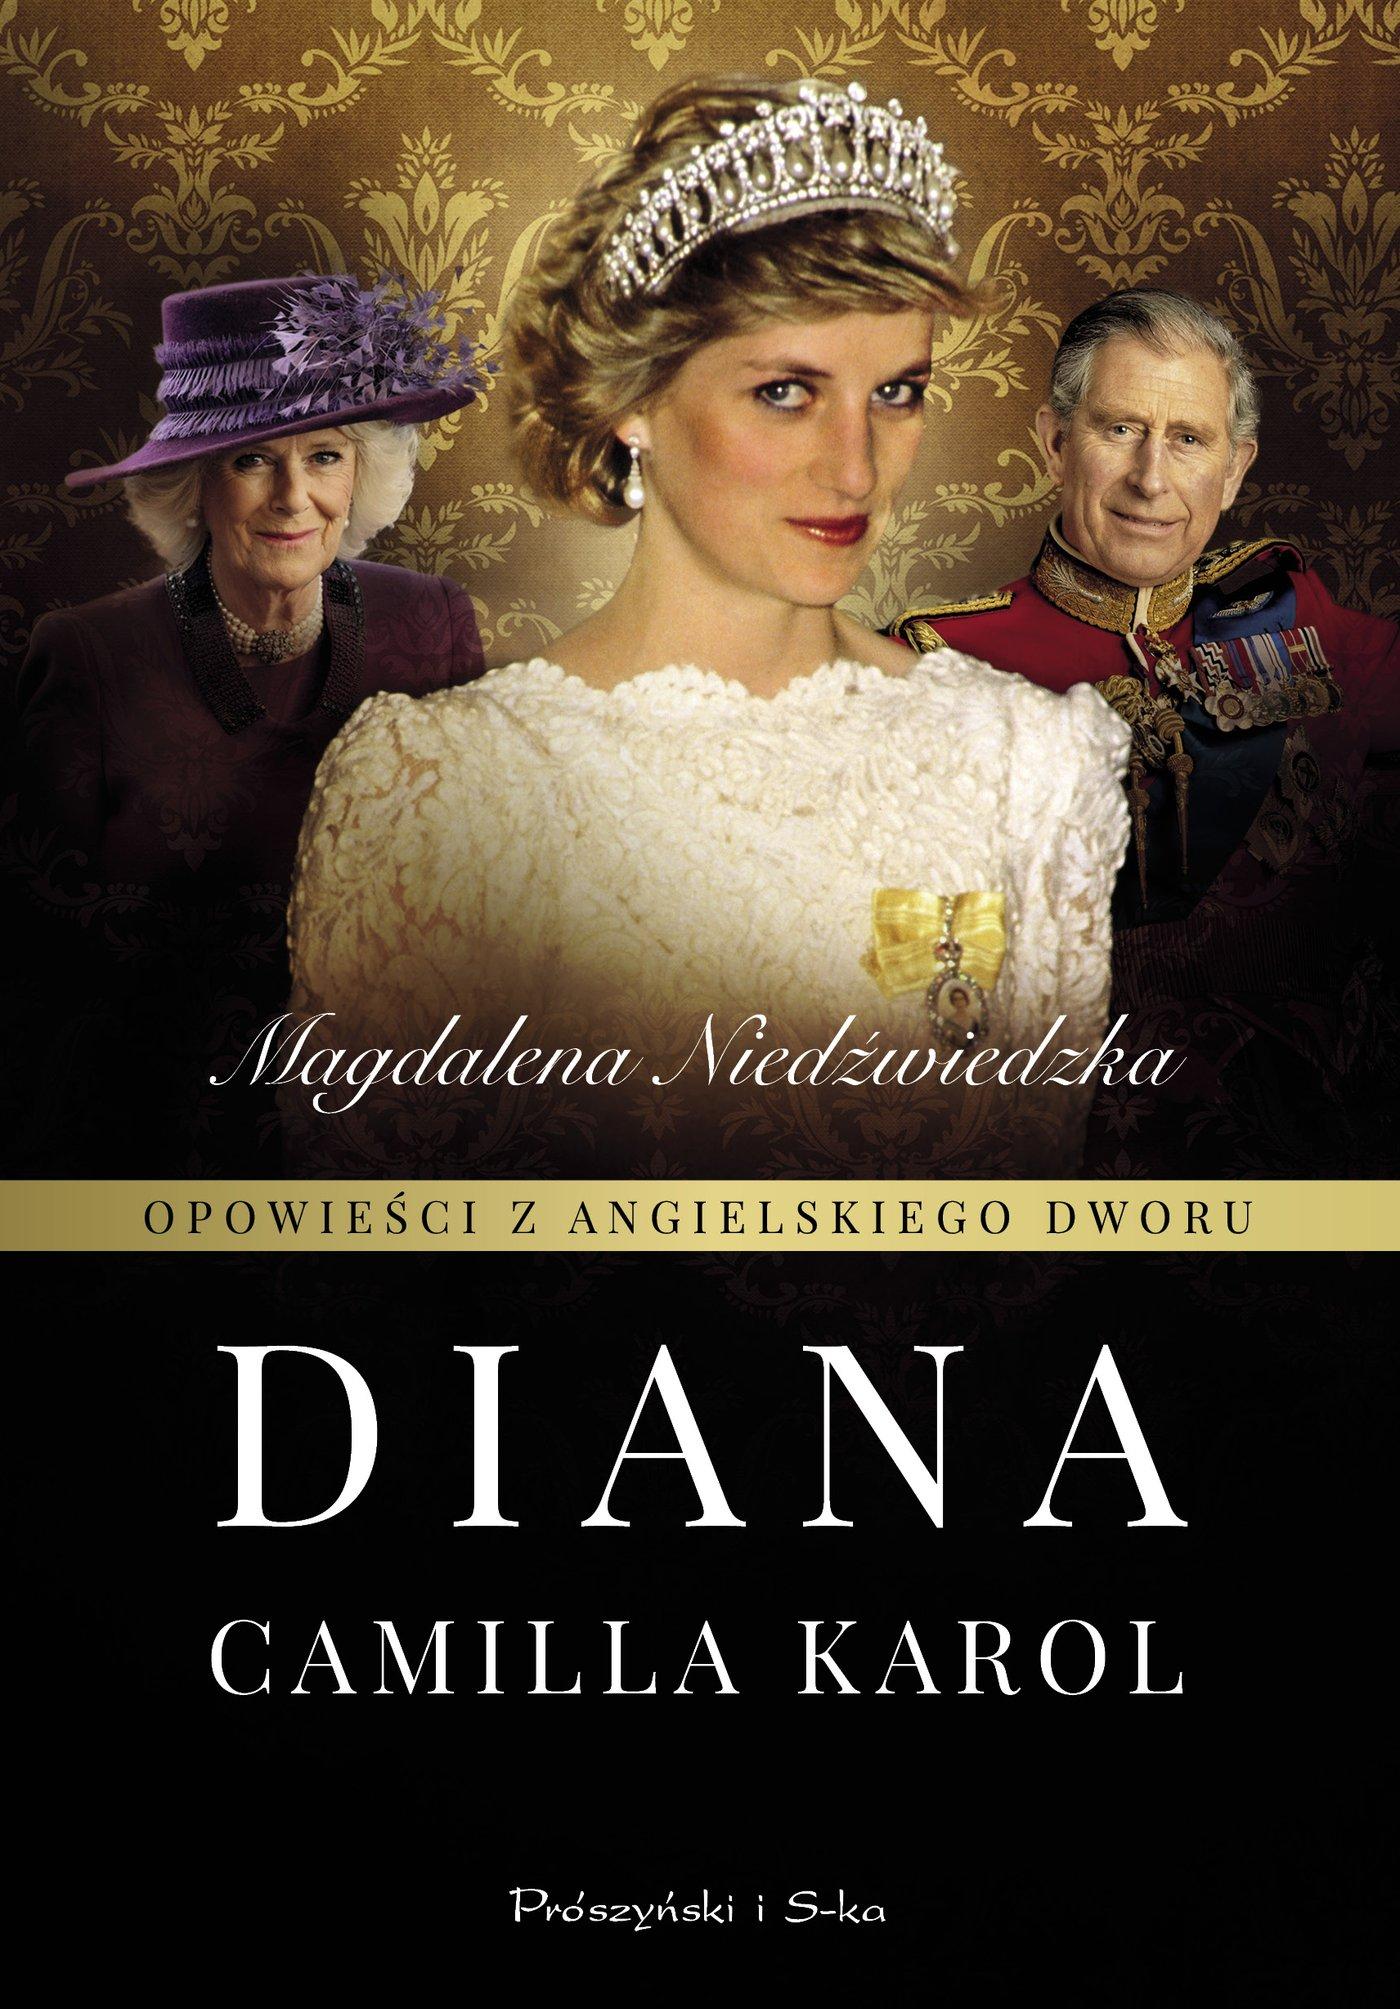 Opowieści z angielskiego dworu. Diana - Ebook (Książka EPUB) do pobrania w formacie EPUB